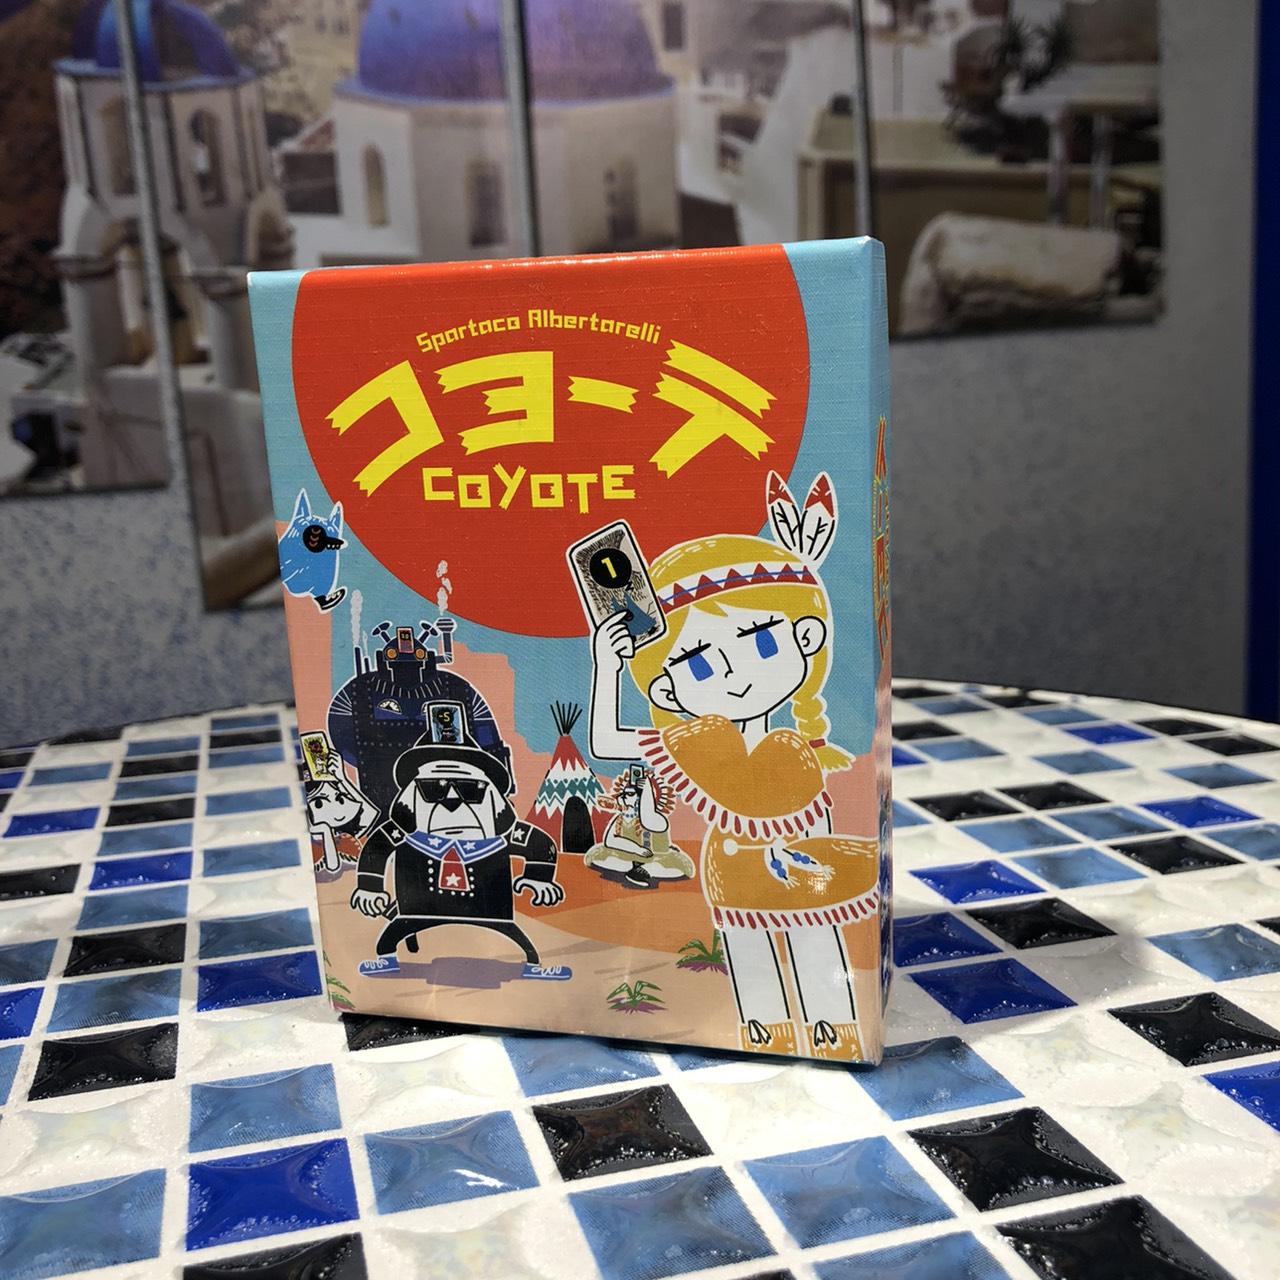 ミコノスカフェのボードゲームのご案内 ☆コヨーテ☆(保土ヶ谷駅前)